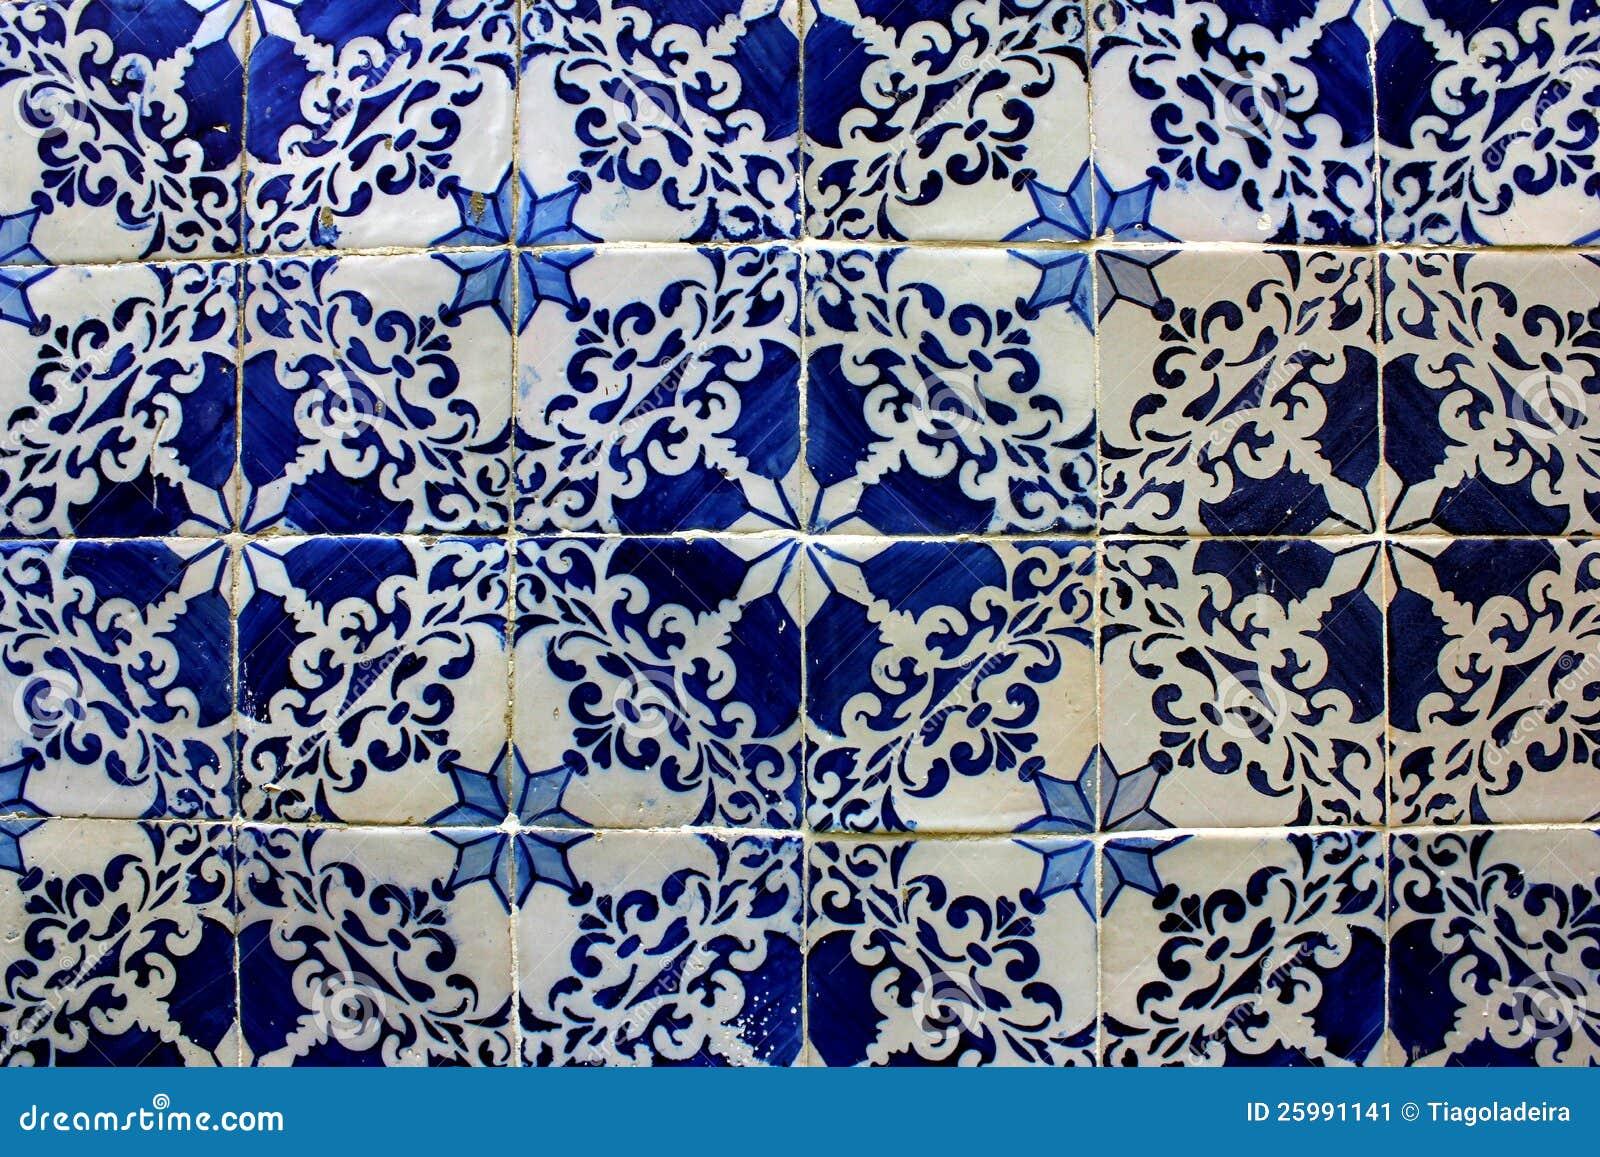 Fliesen Portugal : Blaue Und Weiße Fliesen, Lissabon, Portugal Stockbild - Bild ...